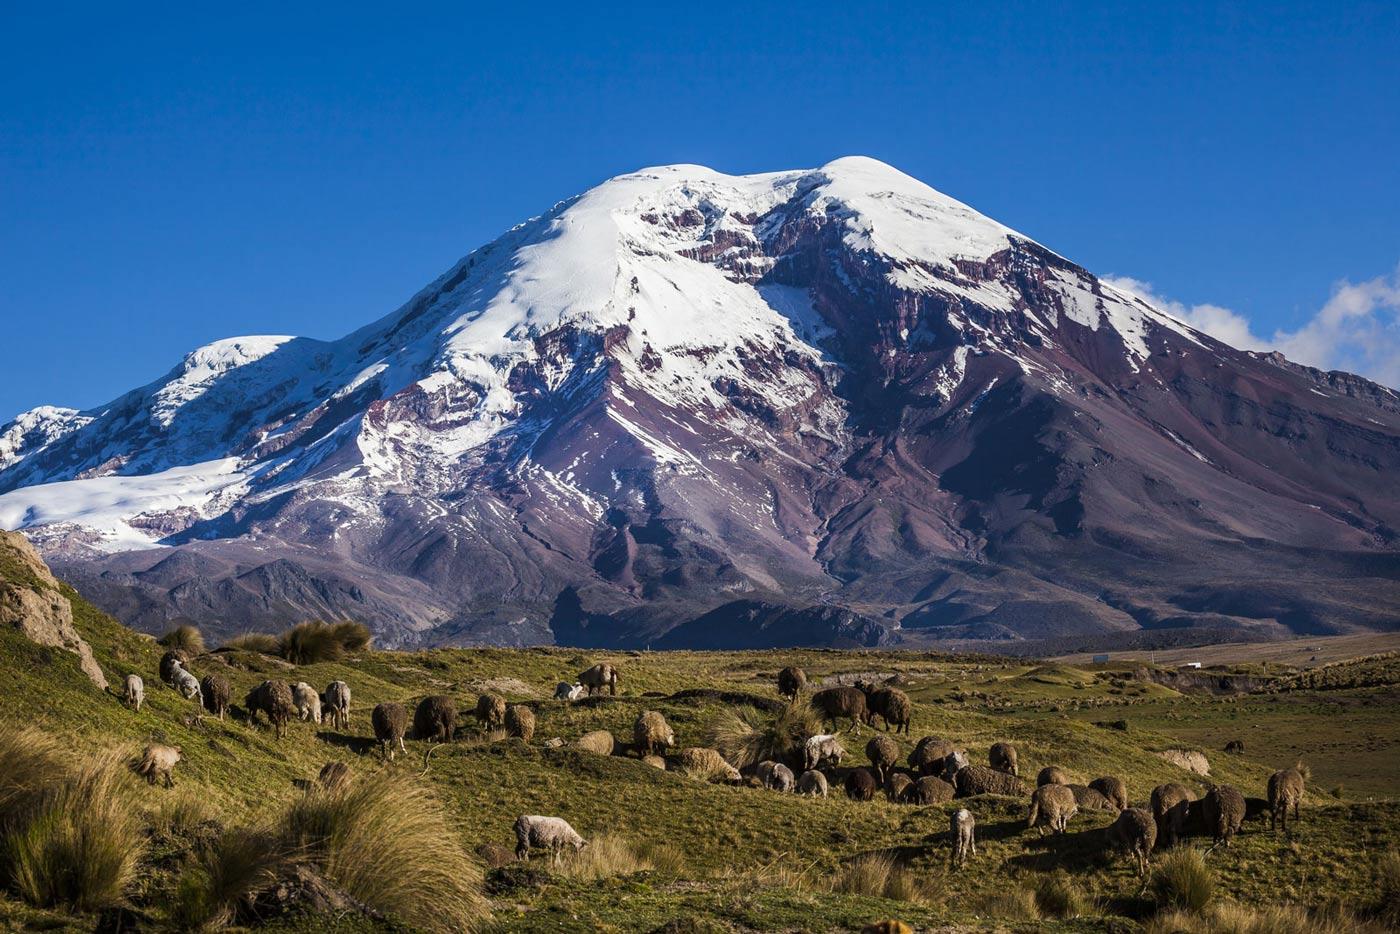 Το όρος Chimborazo